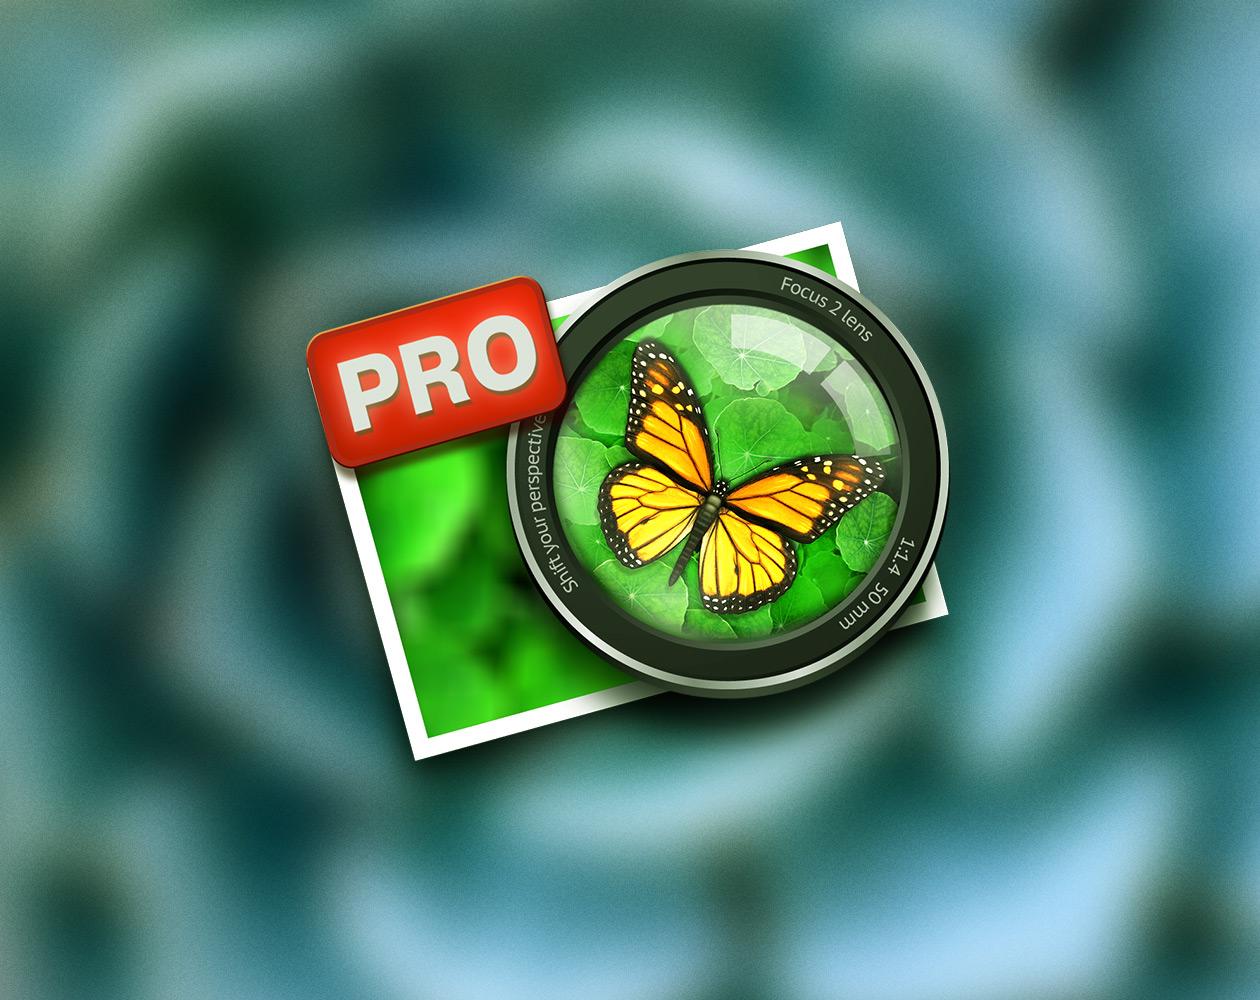 Фоторедактор Focus 2 Pro для OS X: больше возможностей, гибче настройка